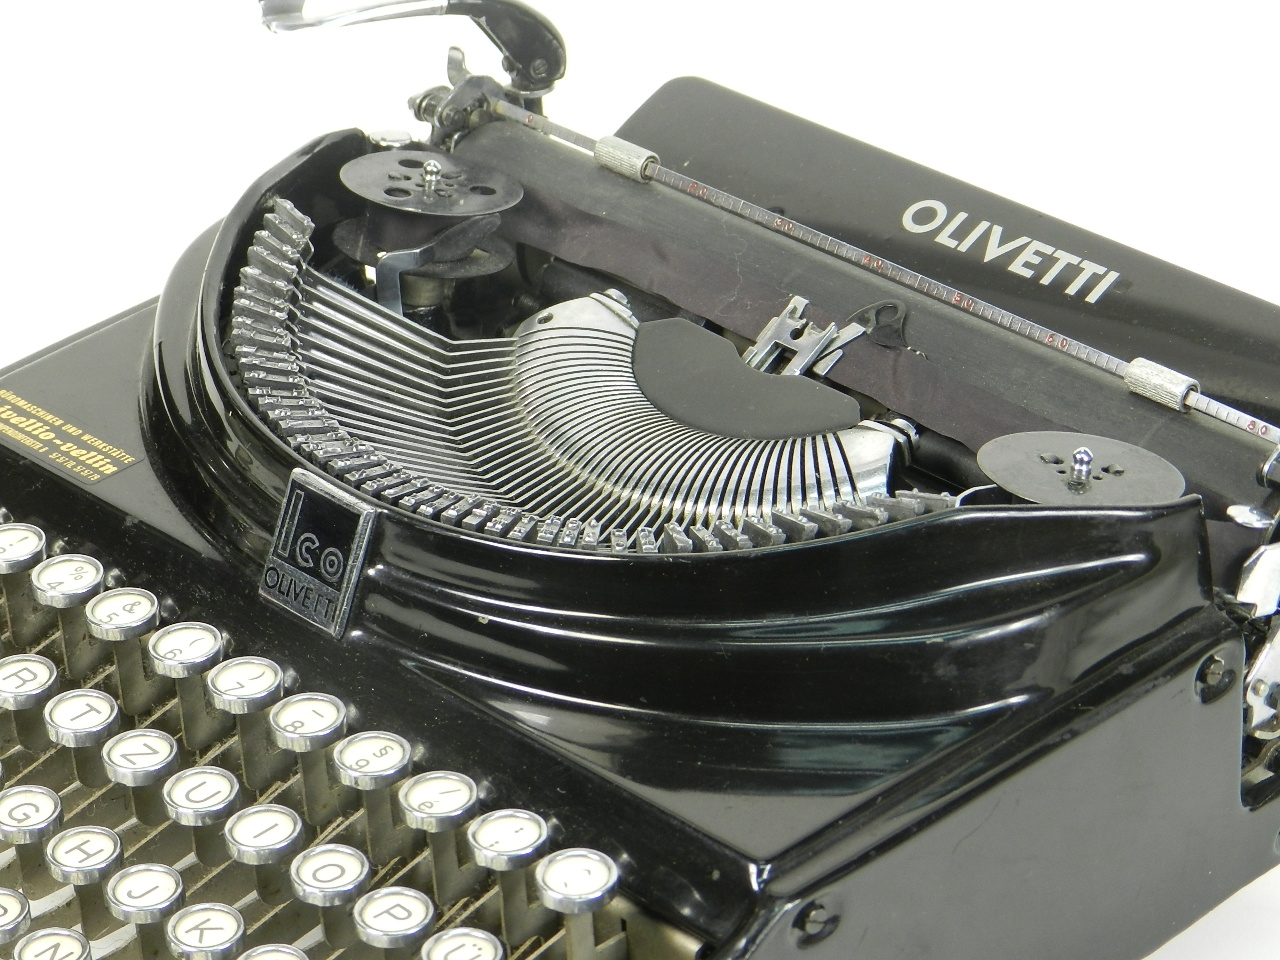 Imagen OLIVETTI  ICO   MP1  AÑO 1932 29823